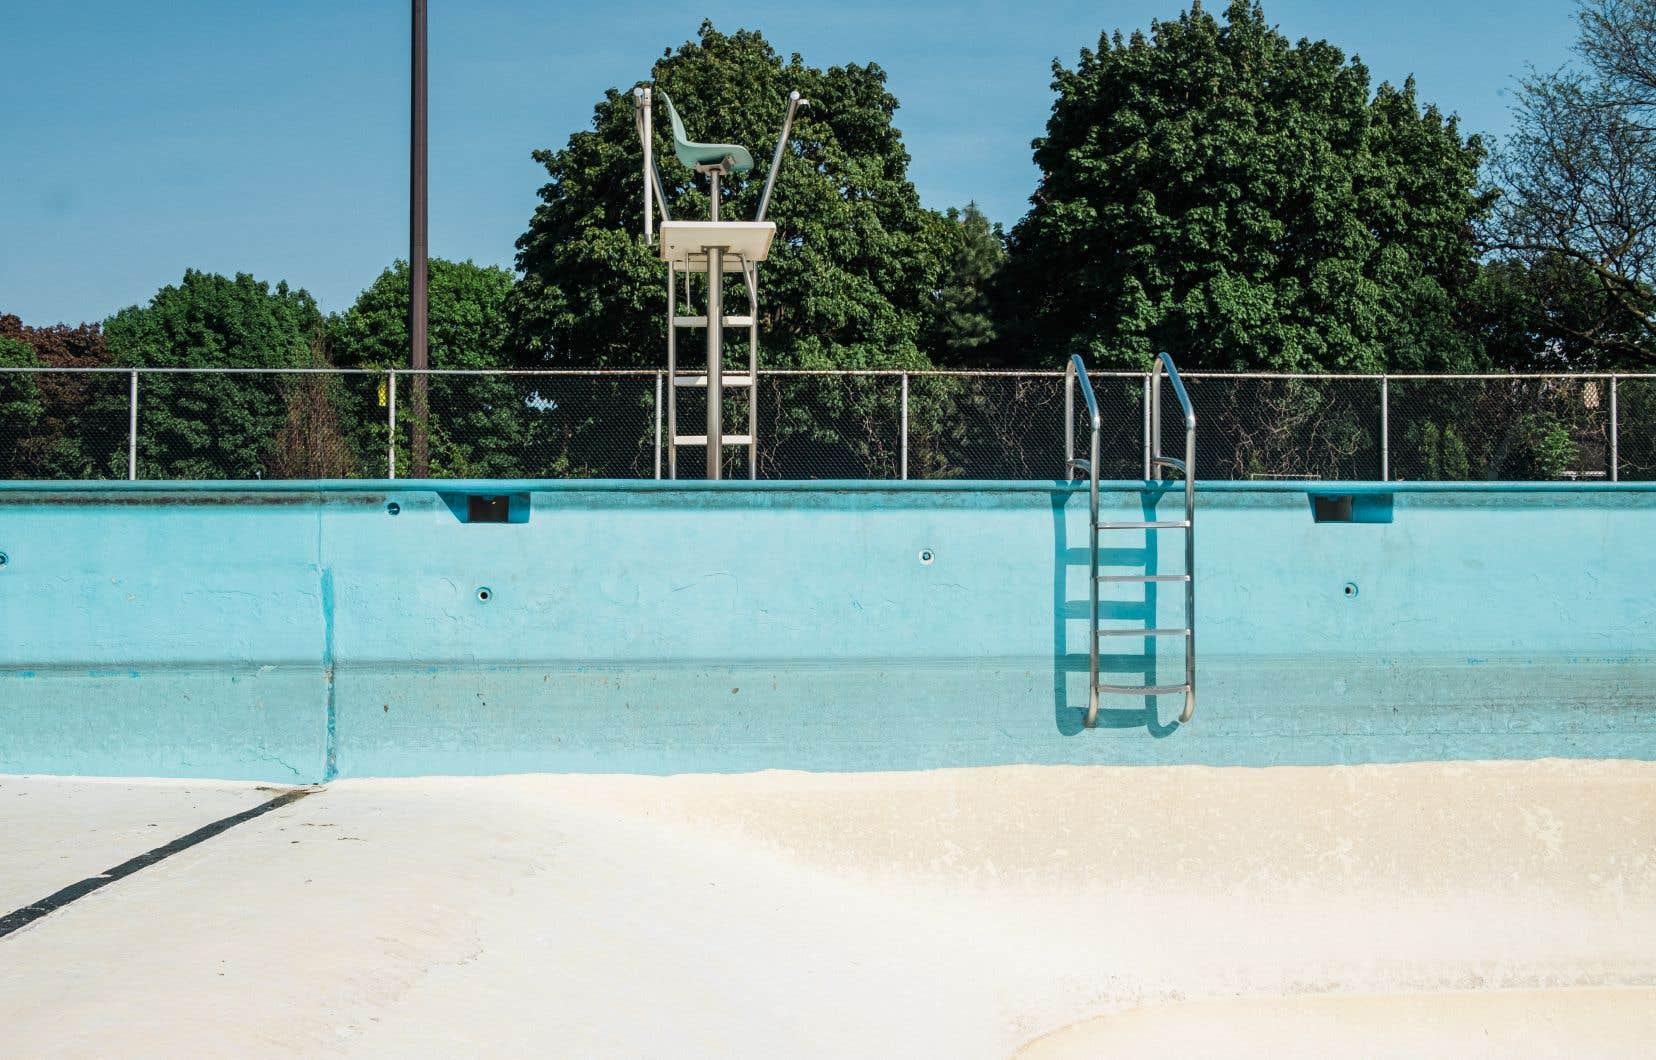 Samedi dernier, en accord avec la Santé publique, Québec a autorisé l'ouverture des piscines publiques à condition que la distanciation physique et les mesures d'hygiène puissent être respectées.